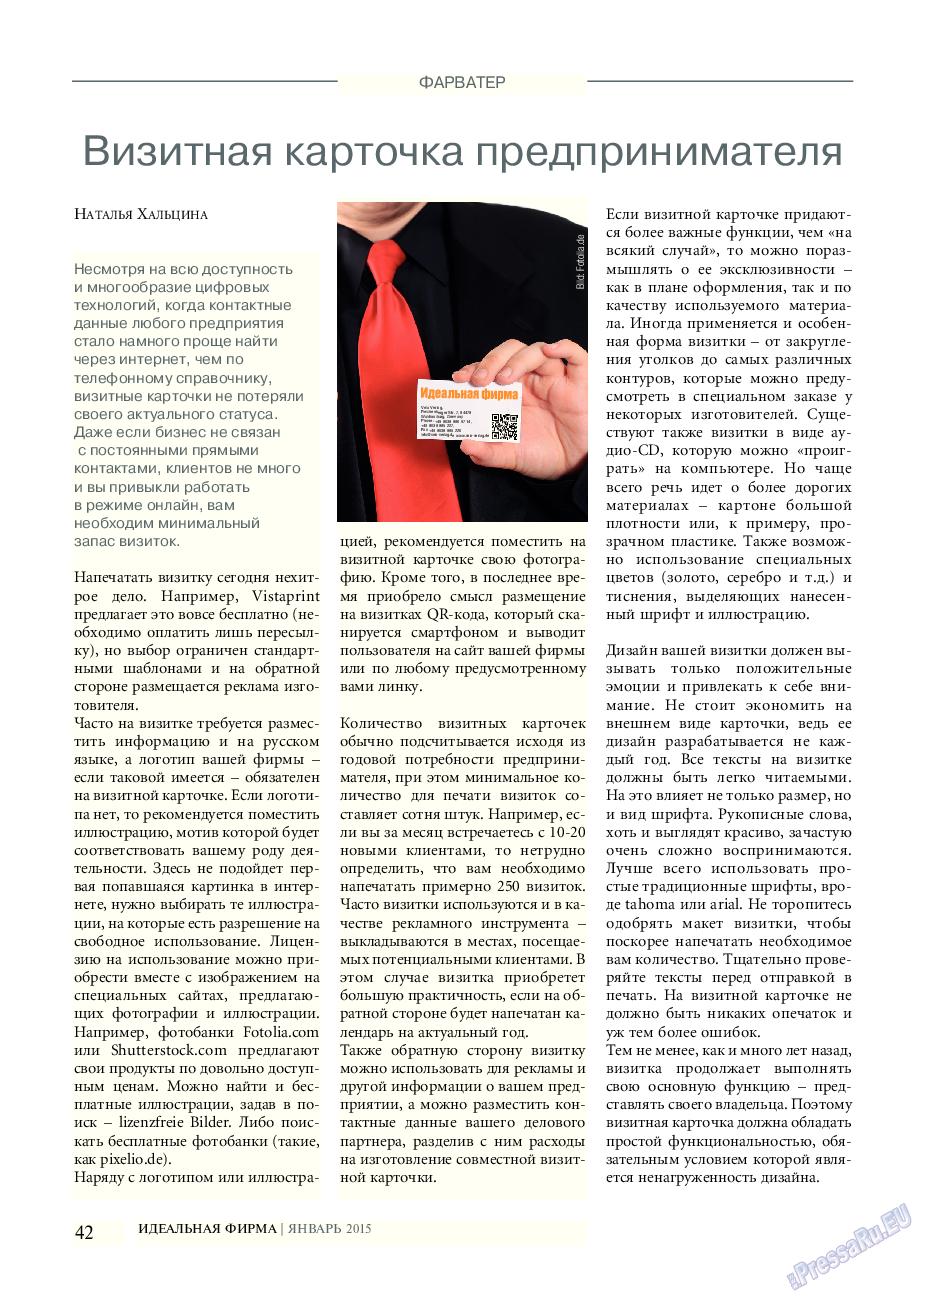 Идеальная фирма (журнал). 2015 год, номер 1, стр. 42